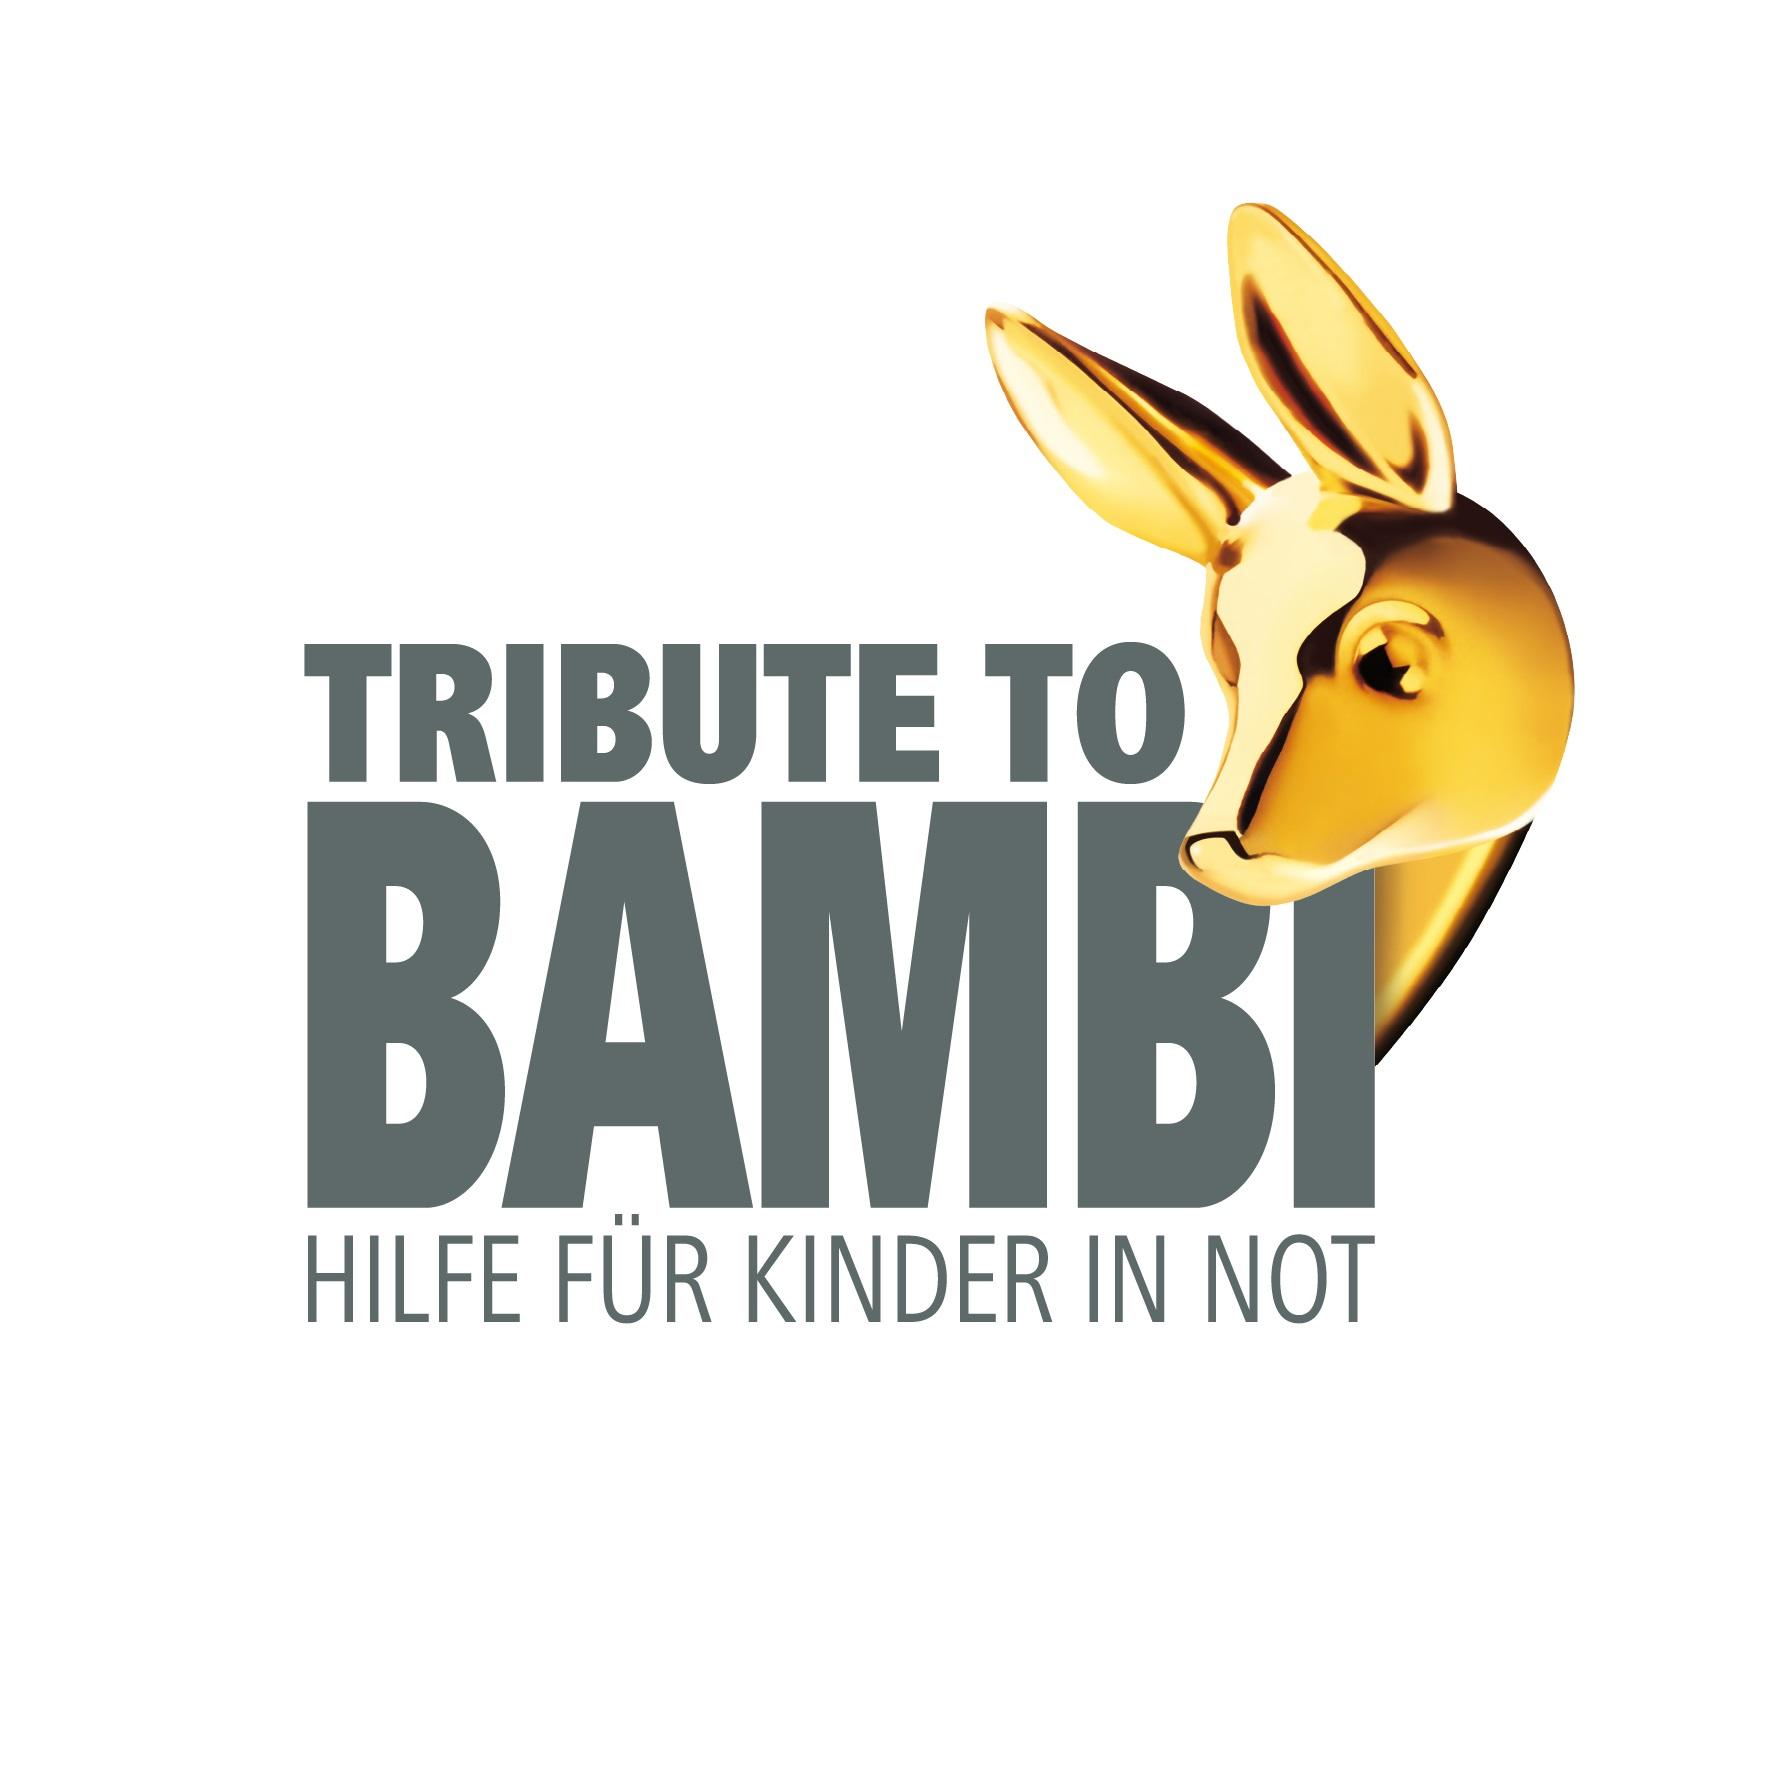 TributetoBambi